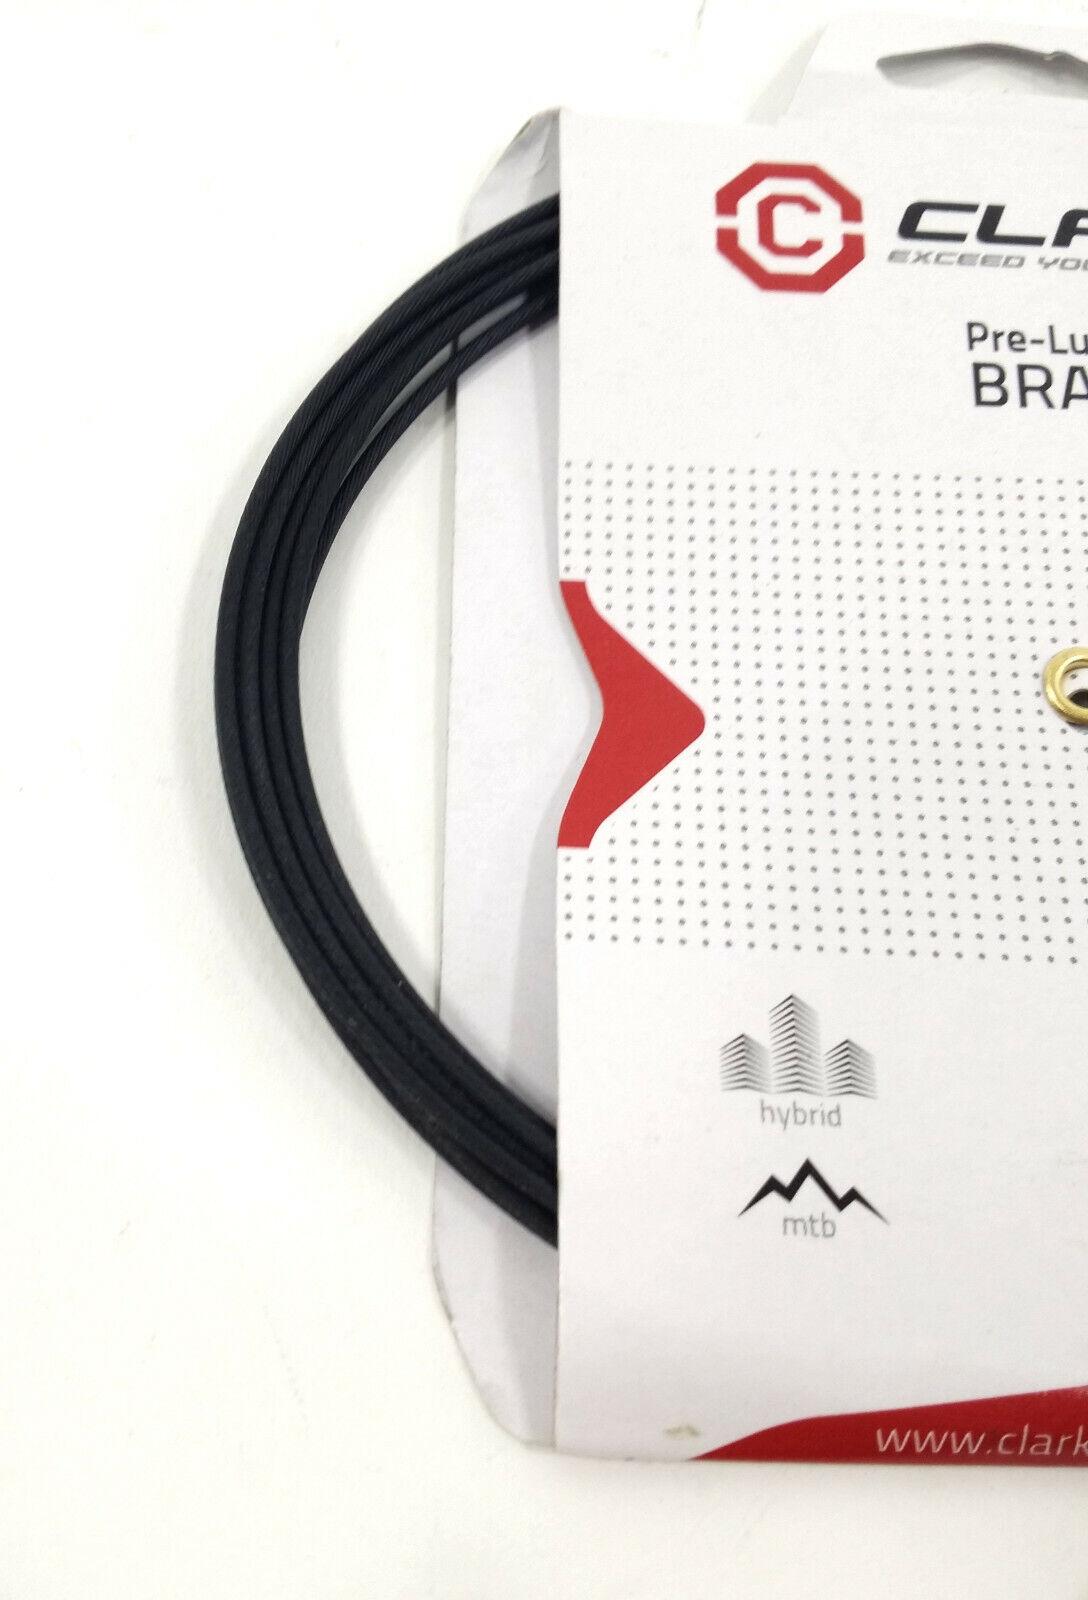 Clarks Galvanized//Teflon Brake Wire Cable Brake Clk Wire Galv//tef 1.5x3060 Univ